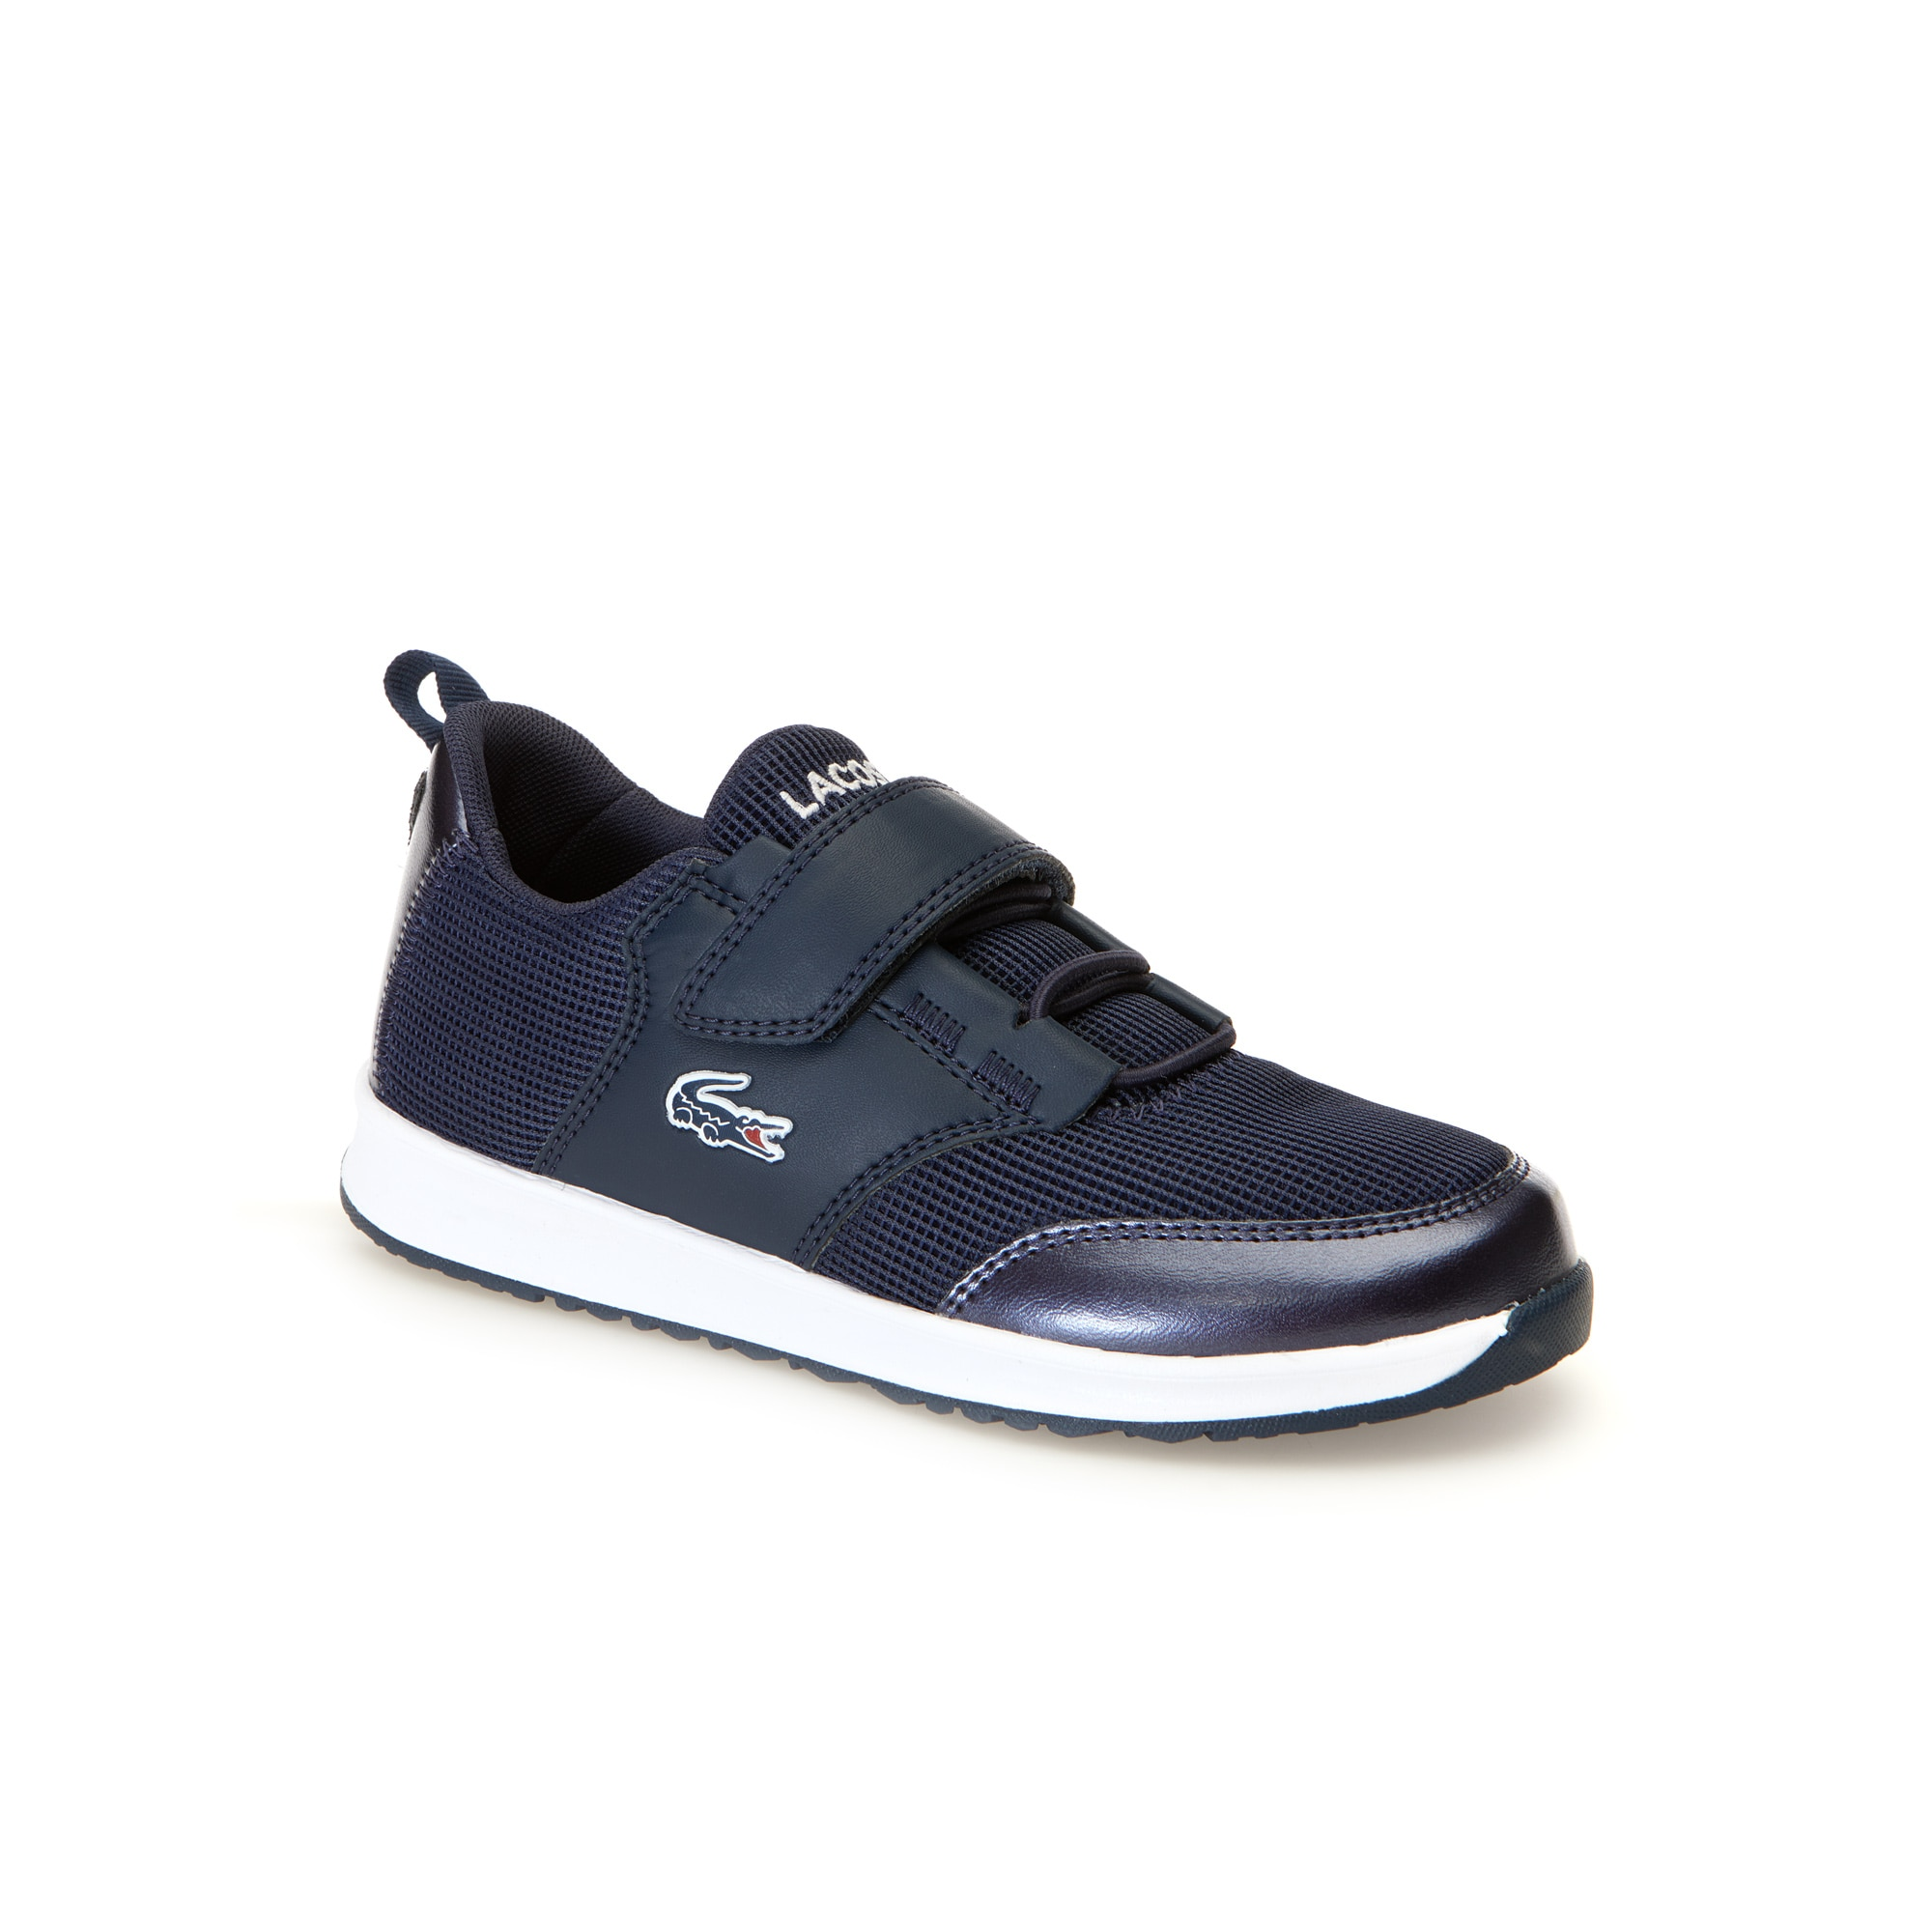 Zapatillas de niño L.ight de material textil y sintético con efecto metálico